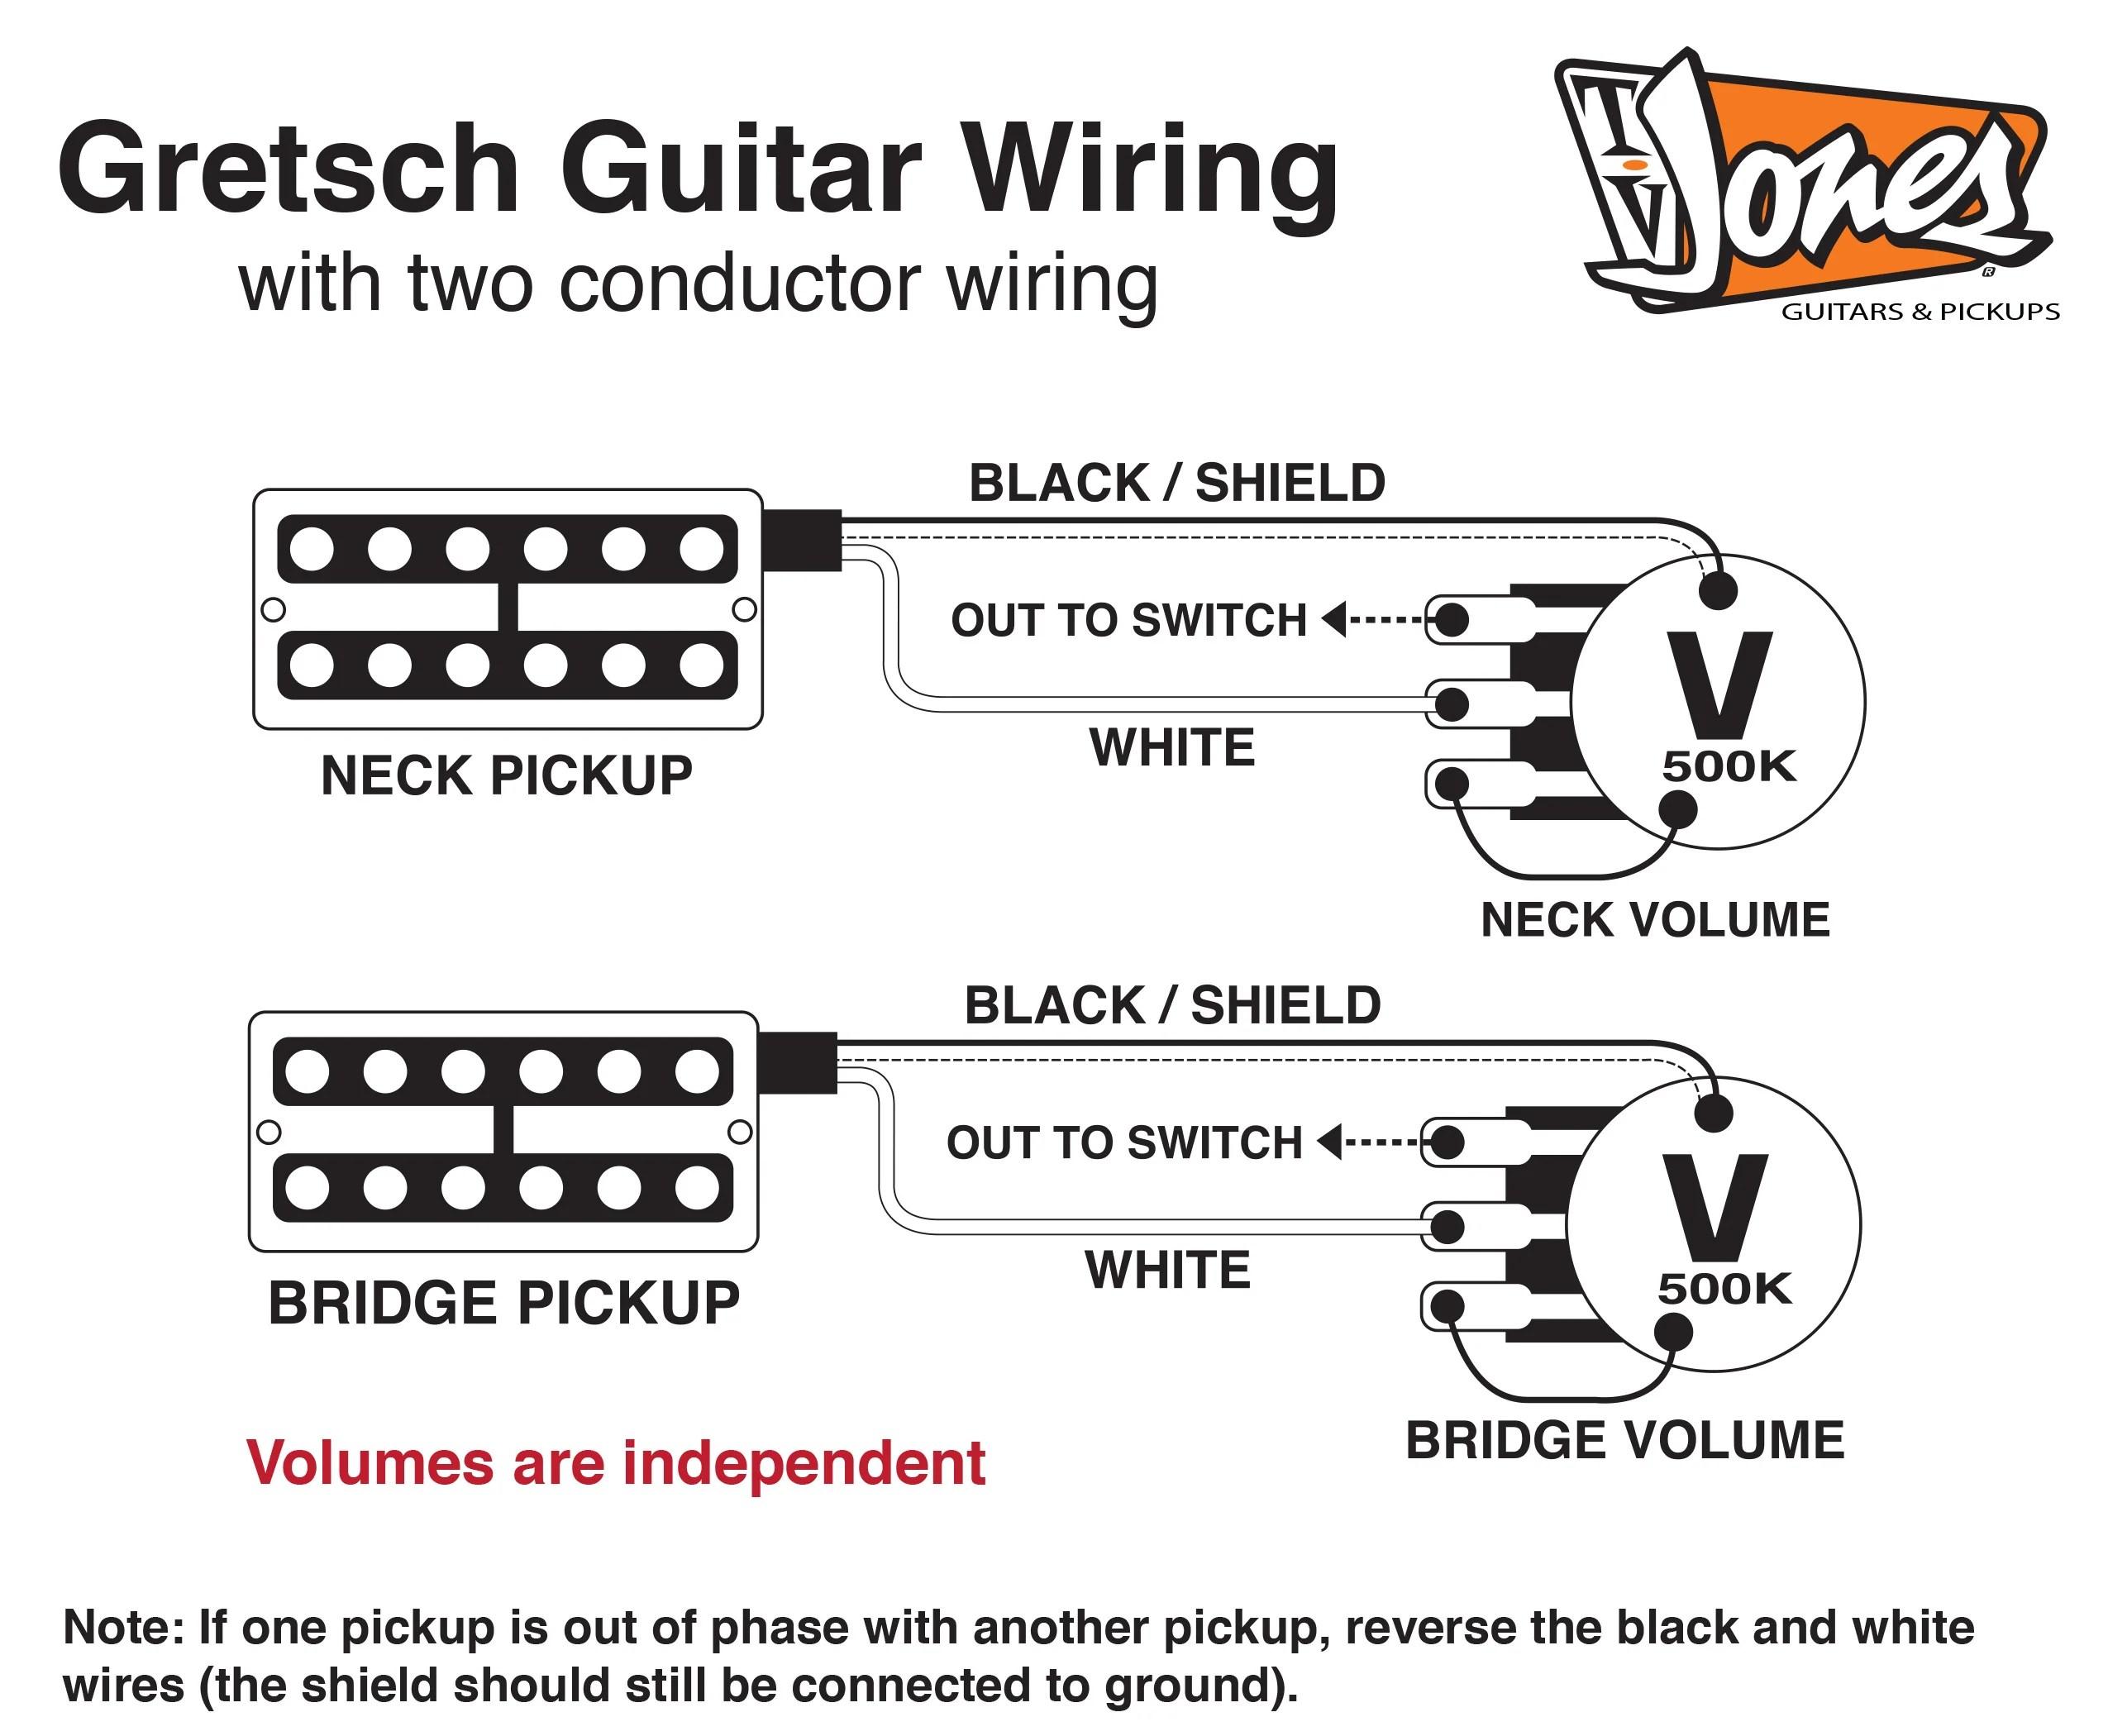 gretsch wiring schematics wiring diagram for you p bass wiring schematics gretsch wiring schematics [ 2550 x 2100 Pixel ]